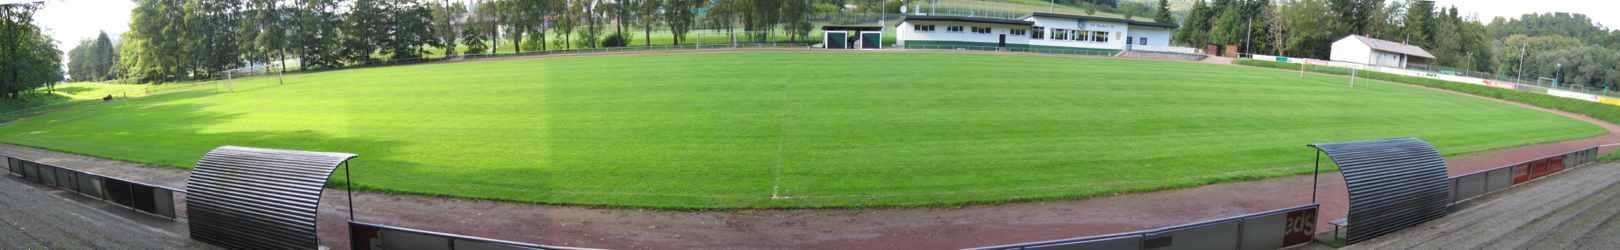 Sportanlage_vfr.003